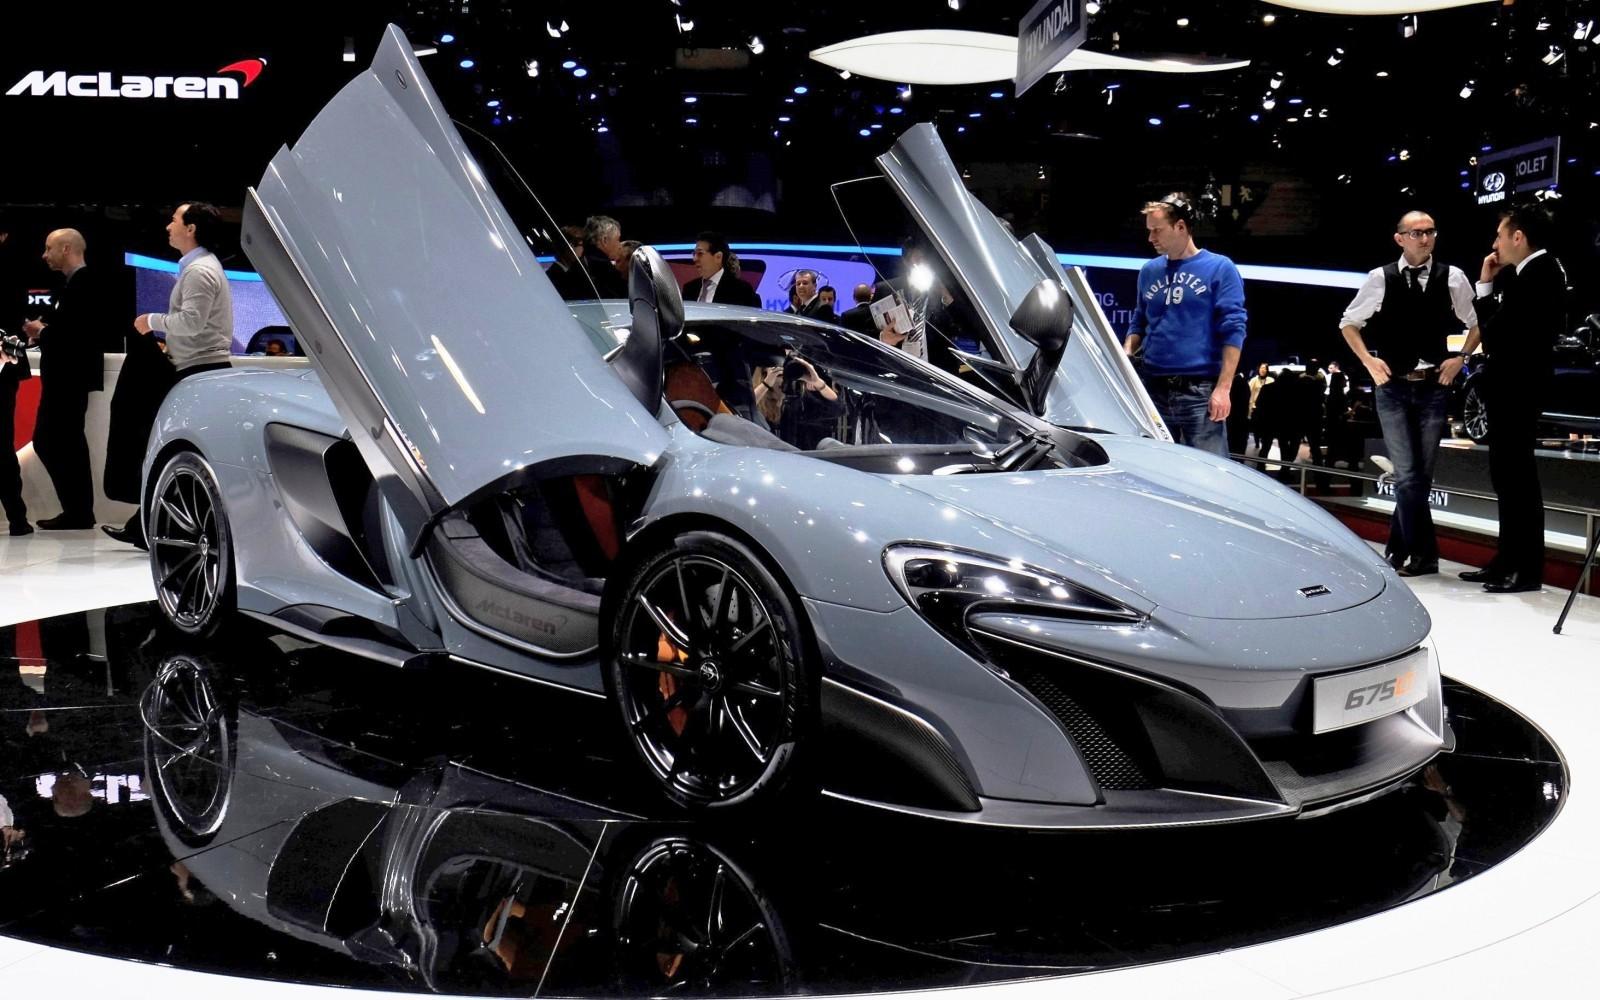 2015 McLaren 675LT 1